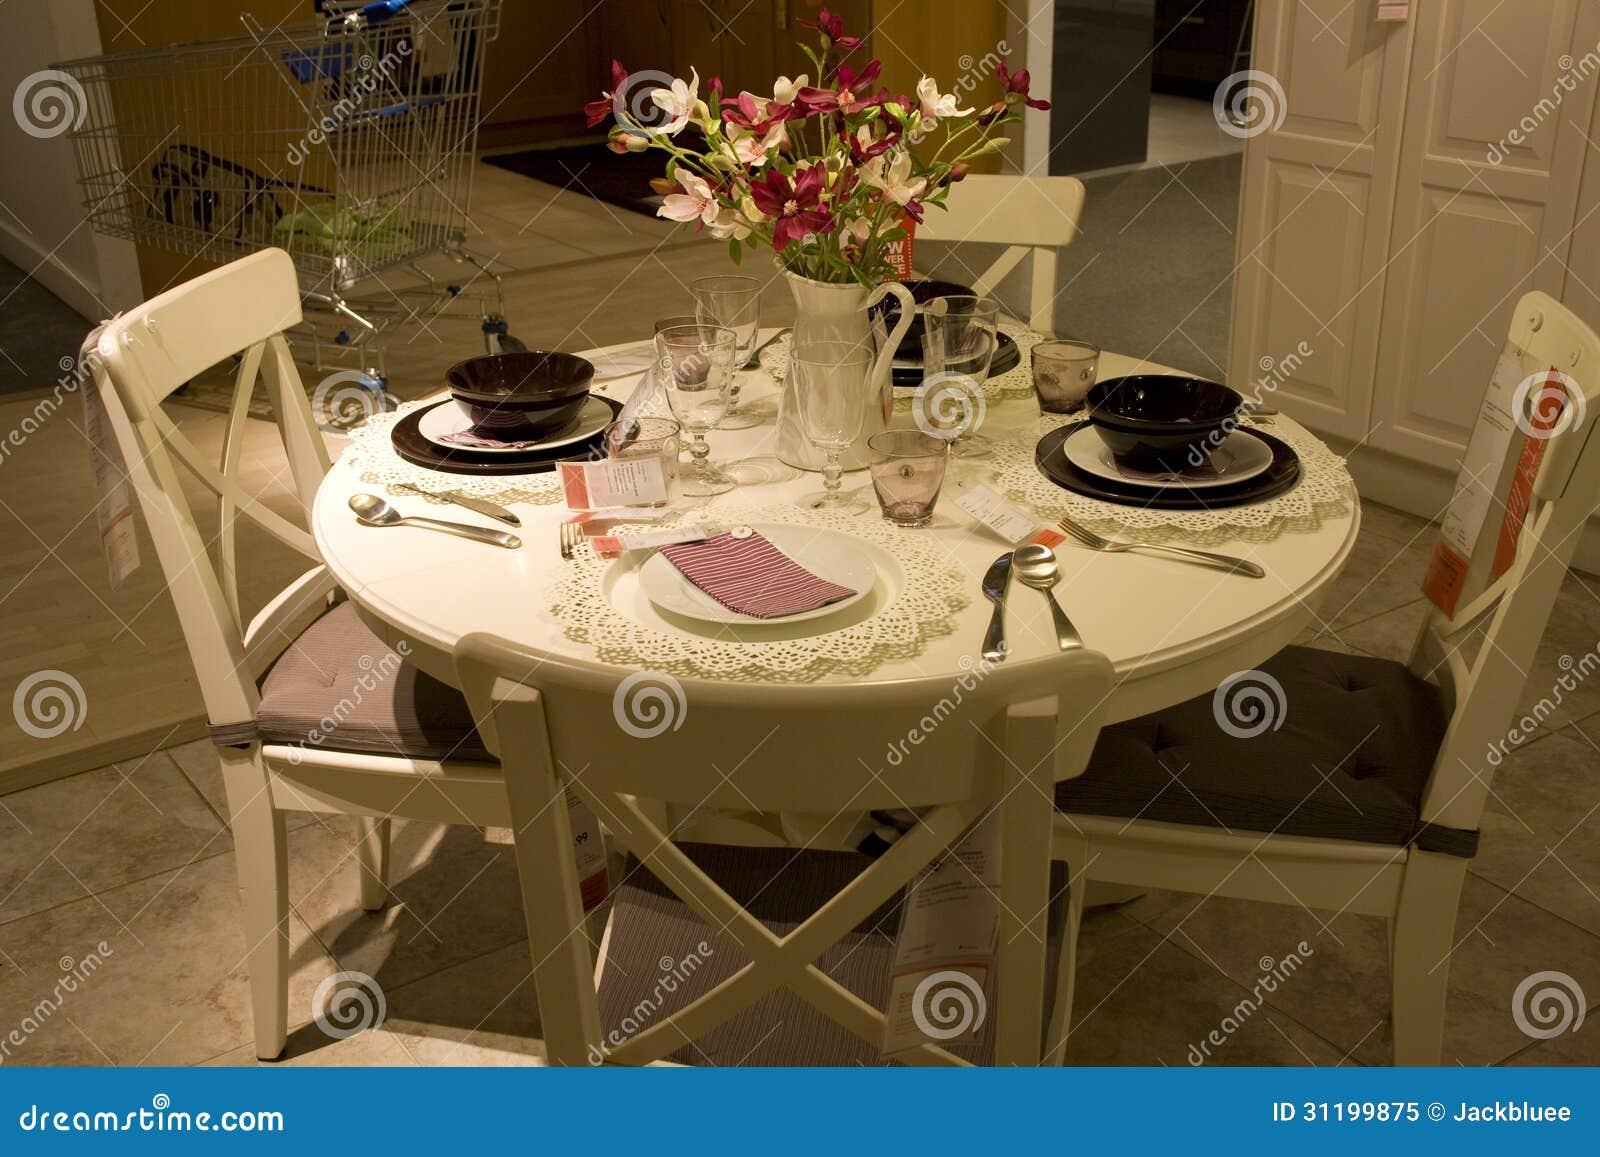 Mobili Della Sala Da Pranzo : Negozio di mobili stabilito della tavola della sala da pranzo